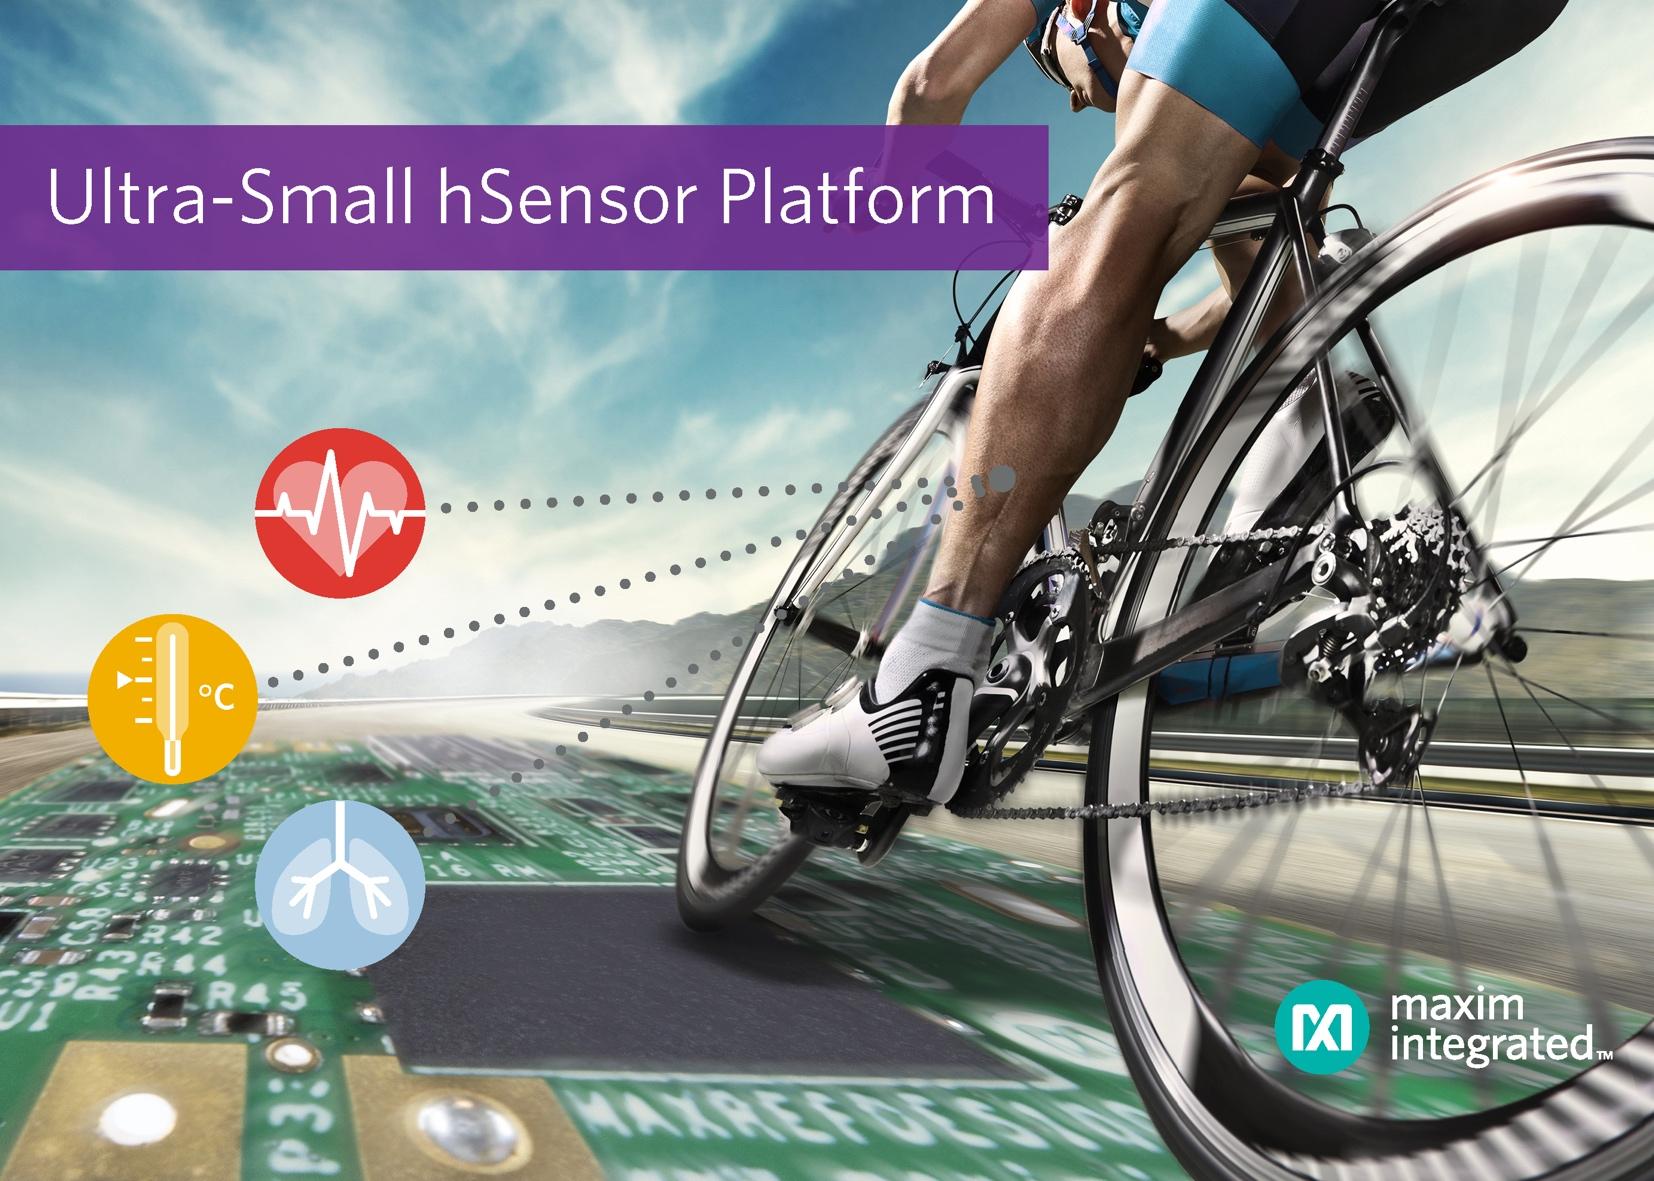 Entwicklungsplattform für schnelles und einfaches Design von Wearable-Anwendungen